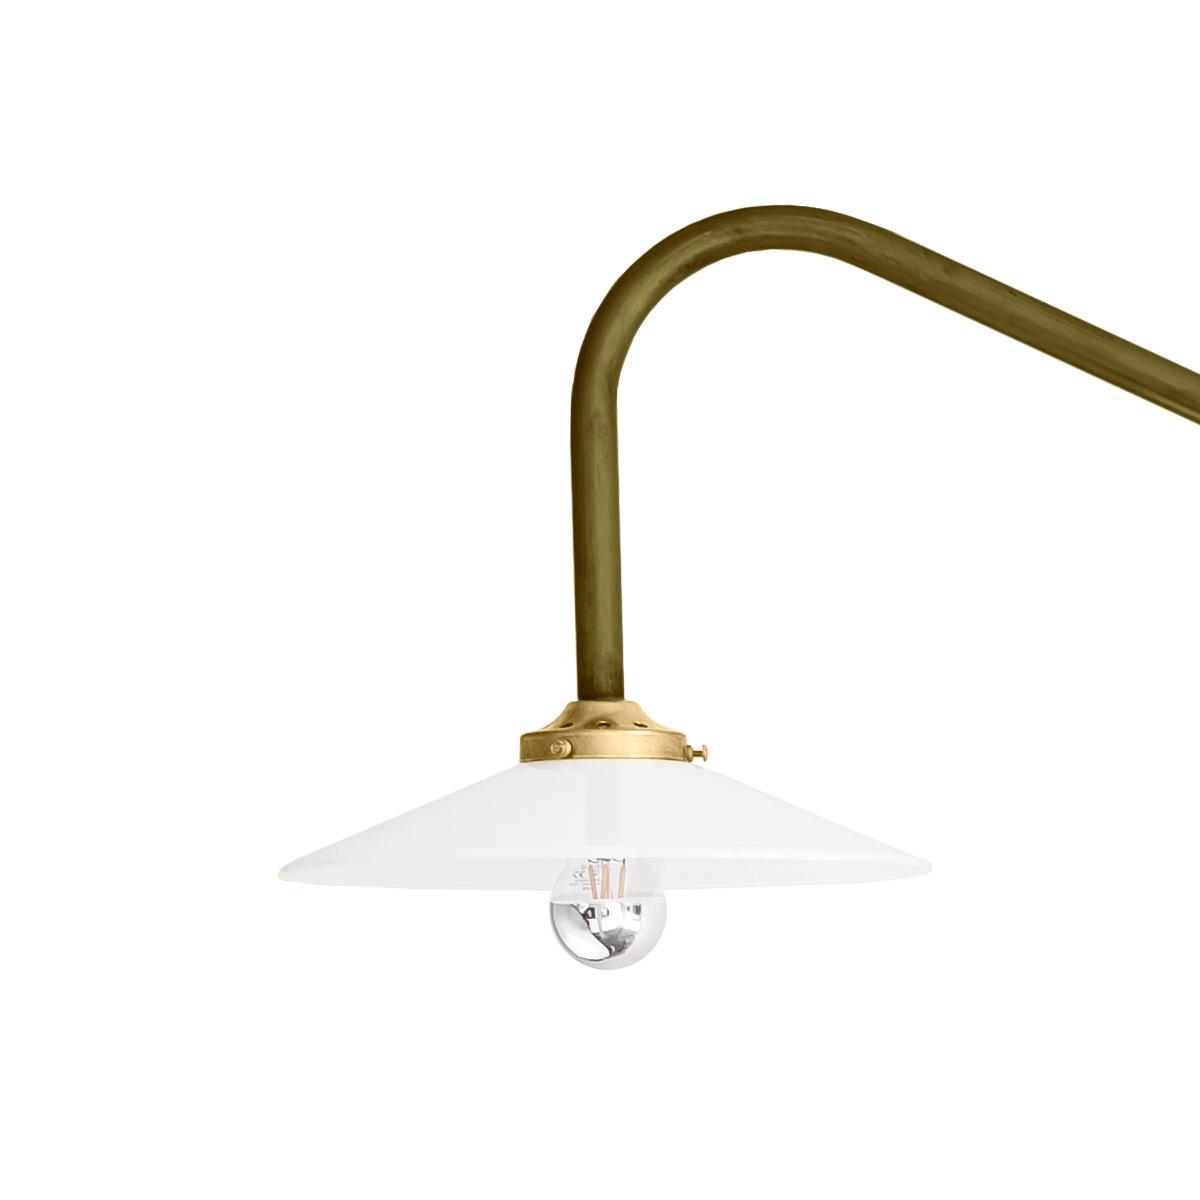 Hanging Lamp No. 1-10